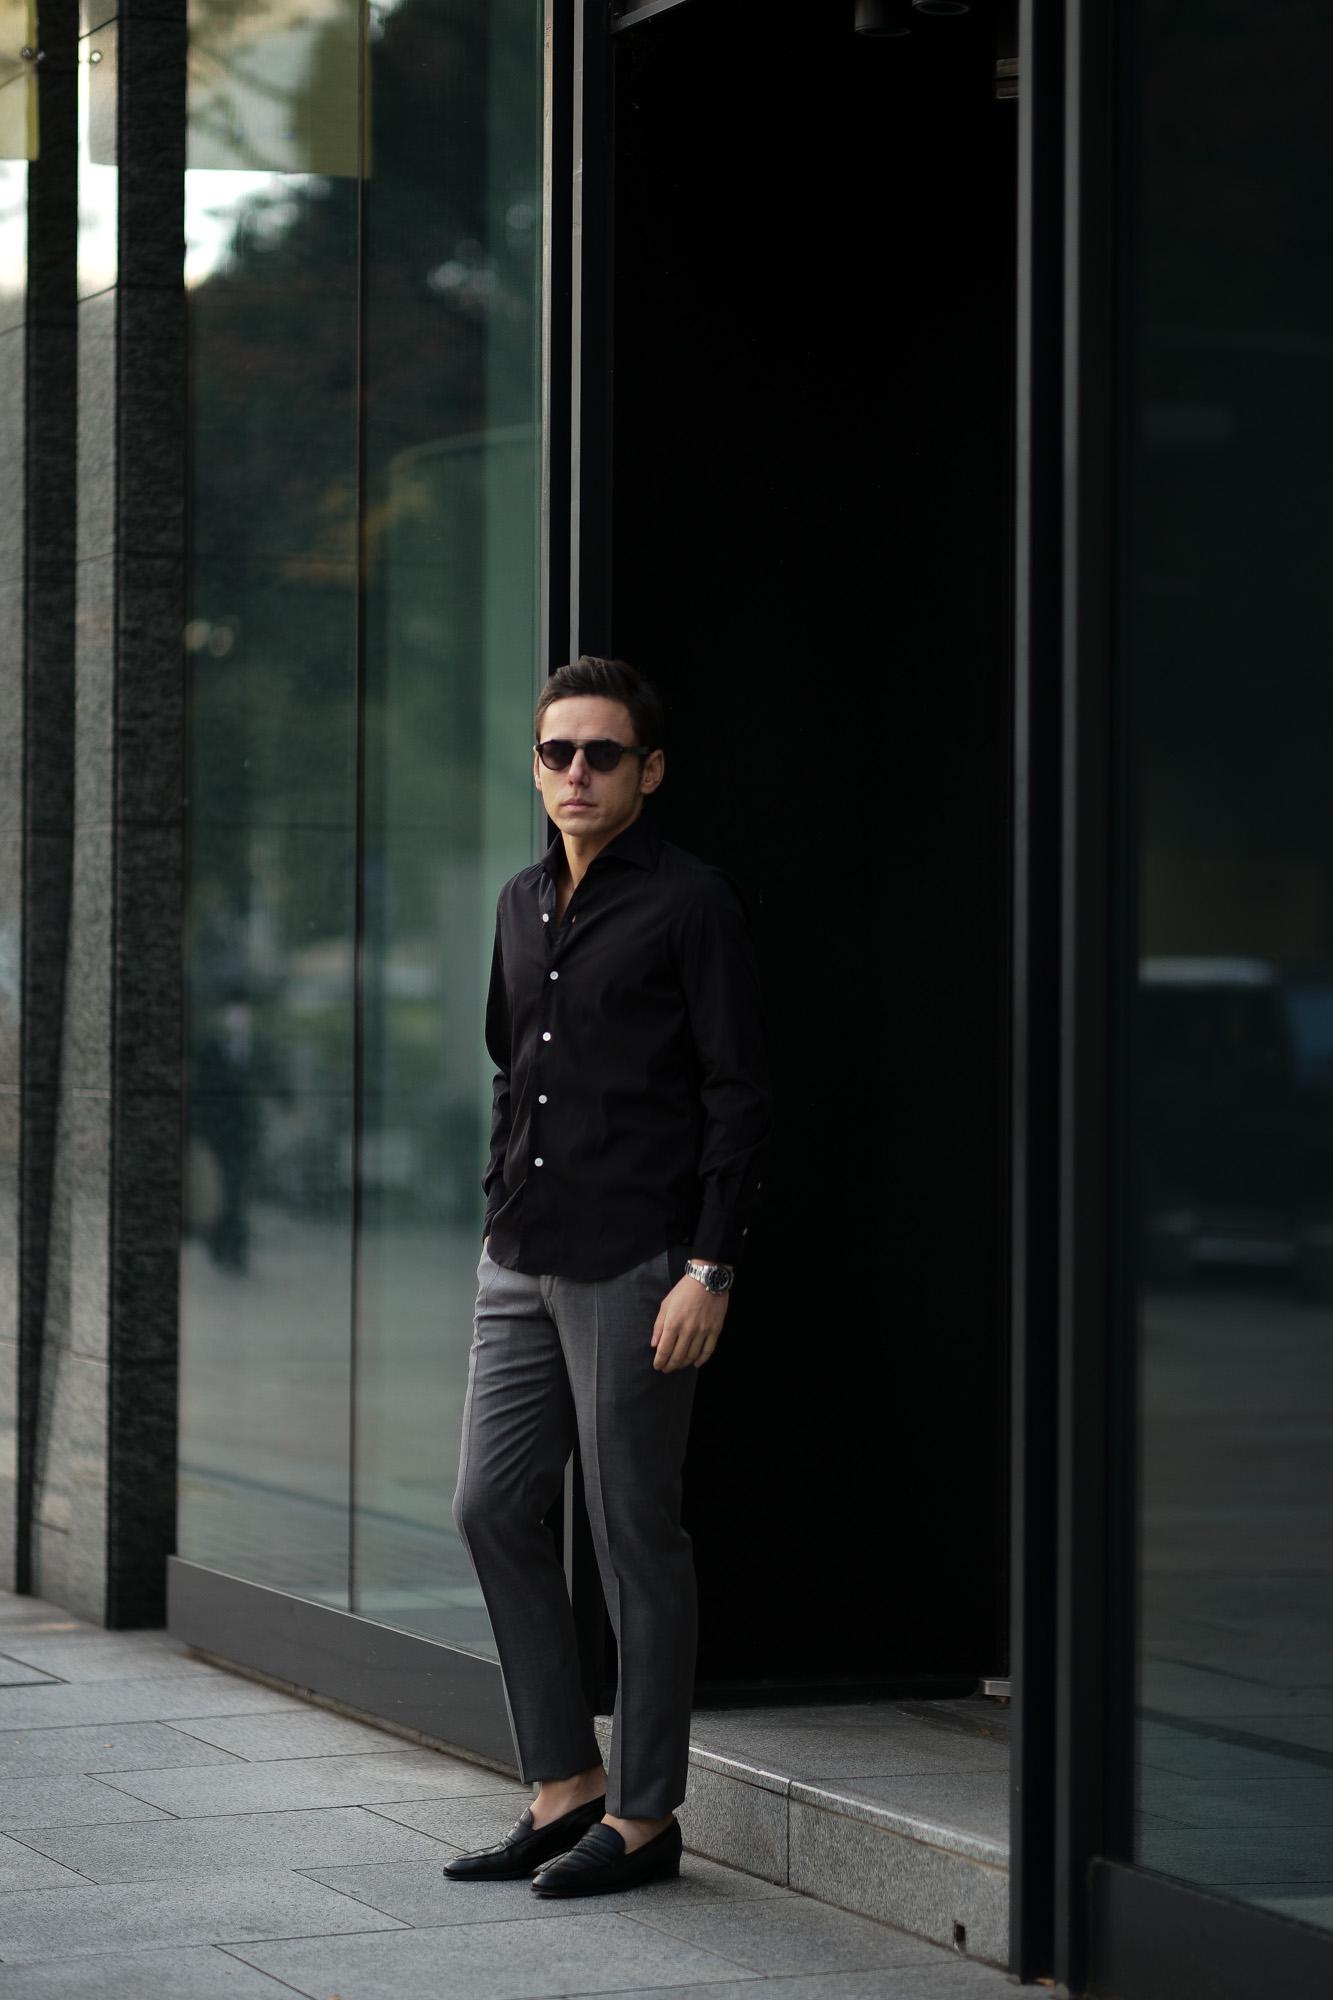 Finamore (フィナモレ) SEUL ITALIAN COLOR STRETCH COTTON SHIRTS ストレッチコットン ワンピースカラー シャツ BLACK (ブラック) made in italy (イタリア製) 2020 春夏新作  愛知 名古屋 altoediritto アルトエデリット シャツ